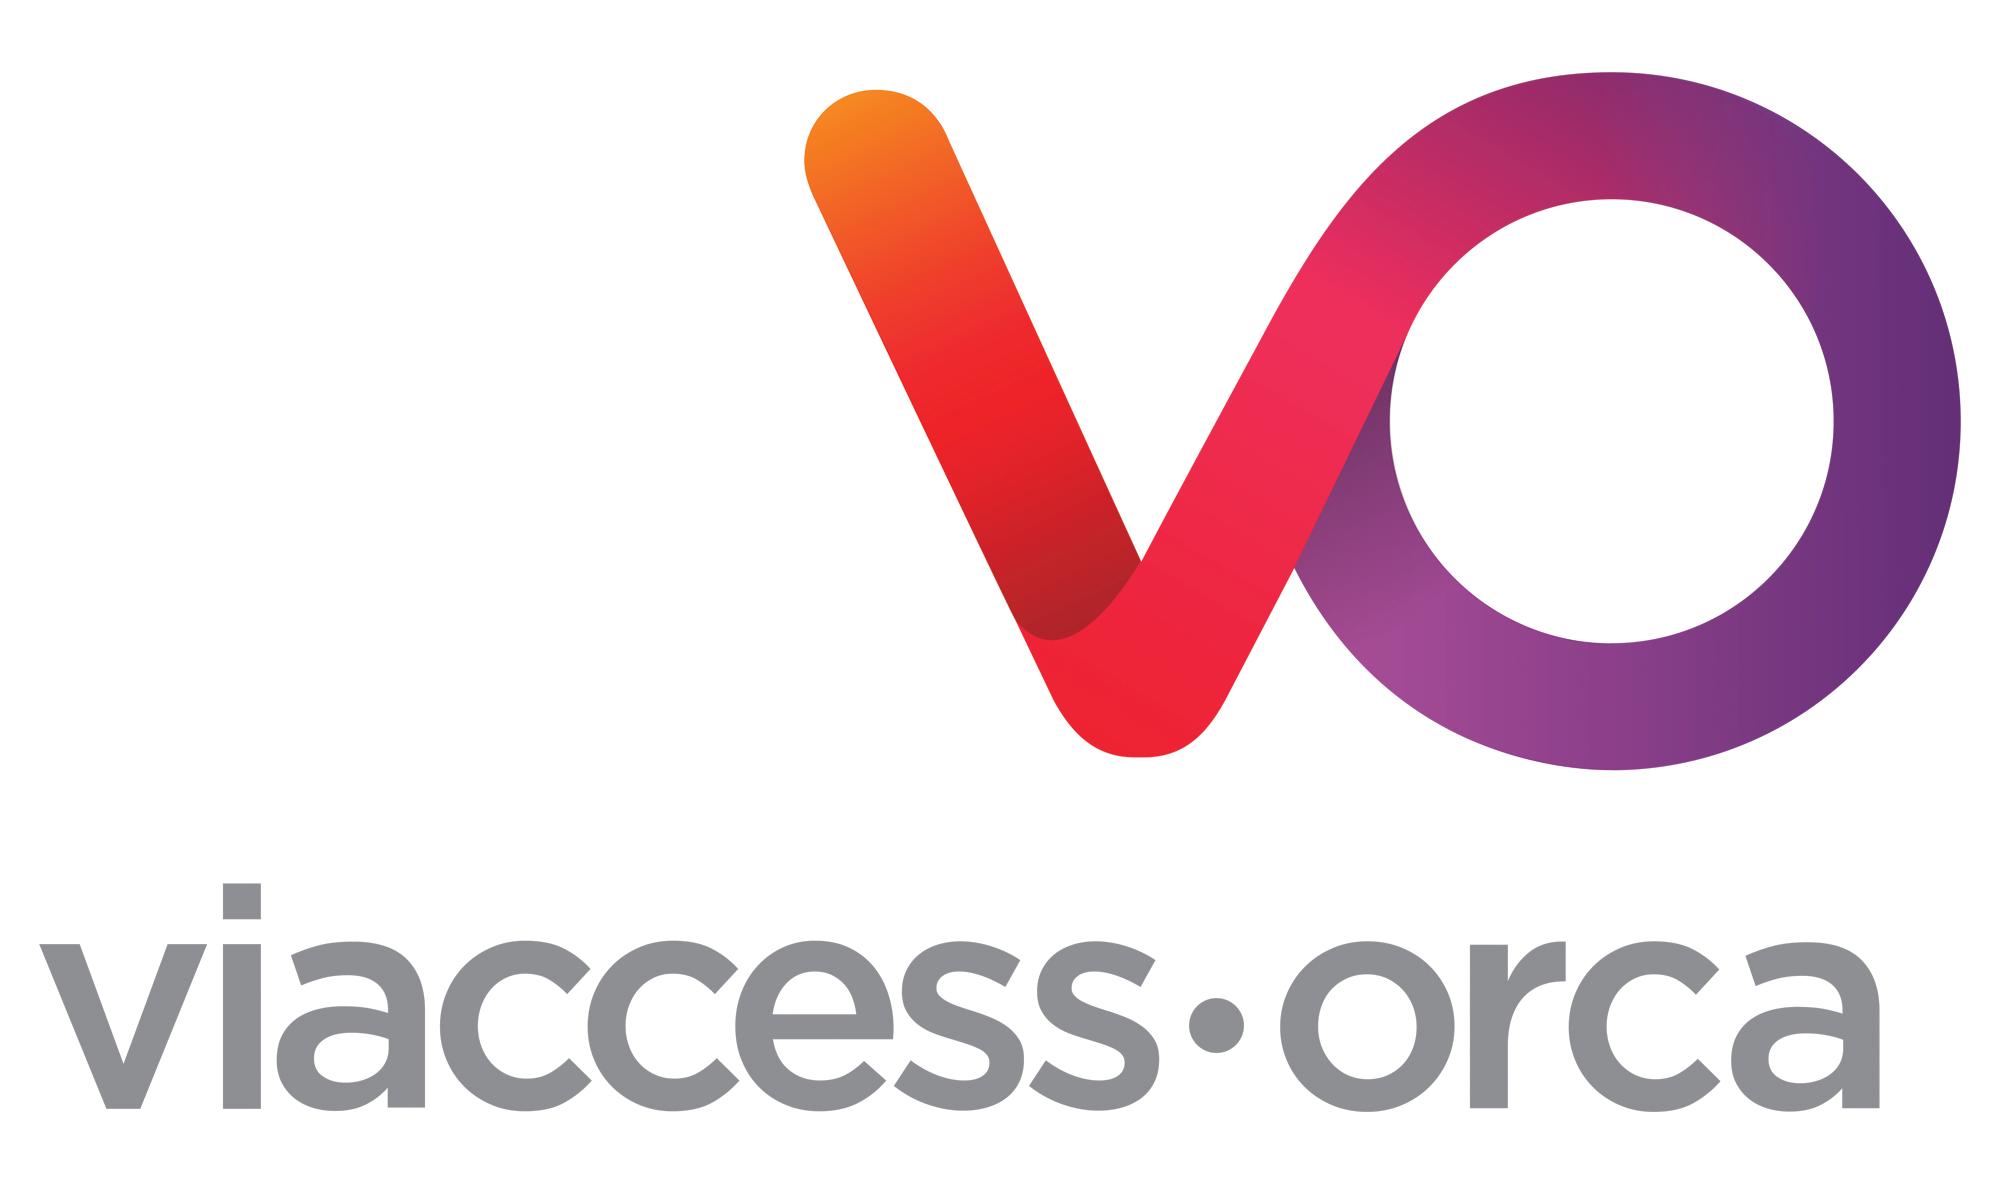 Viaccess logo